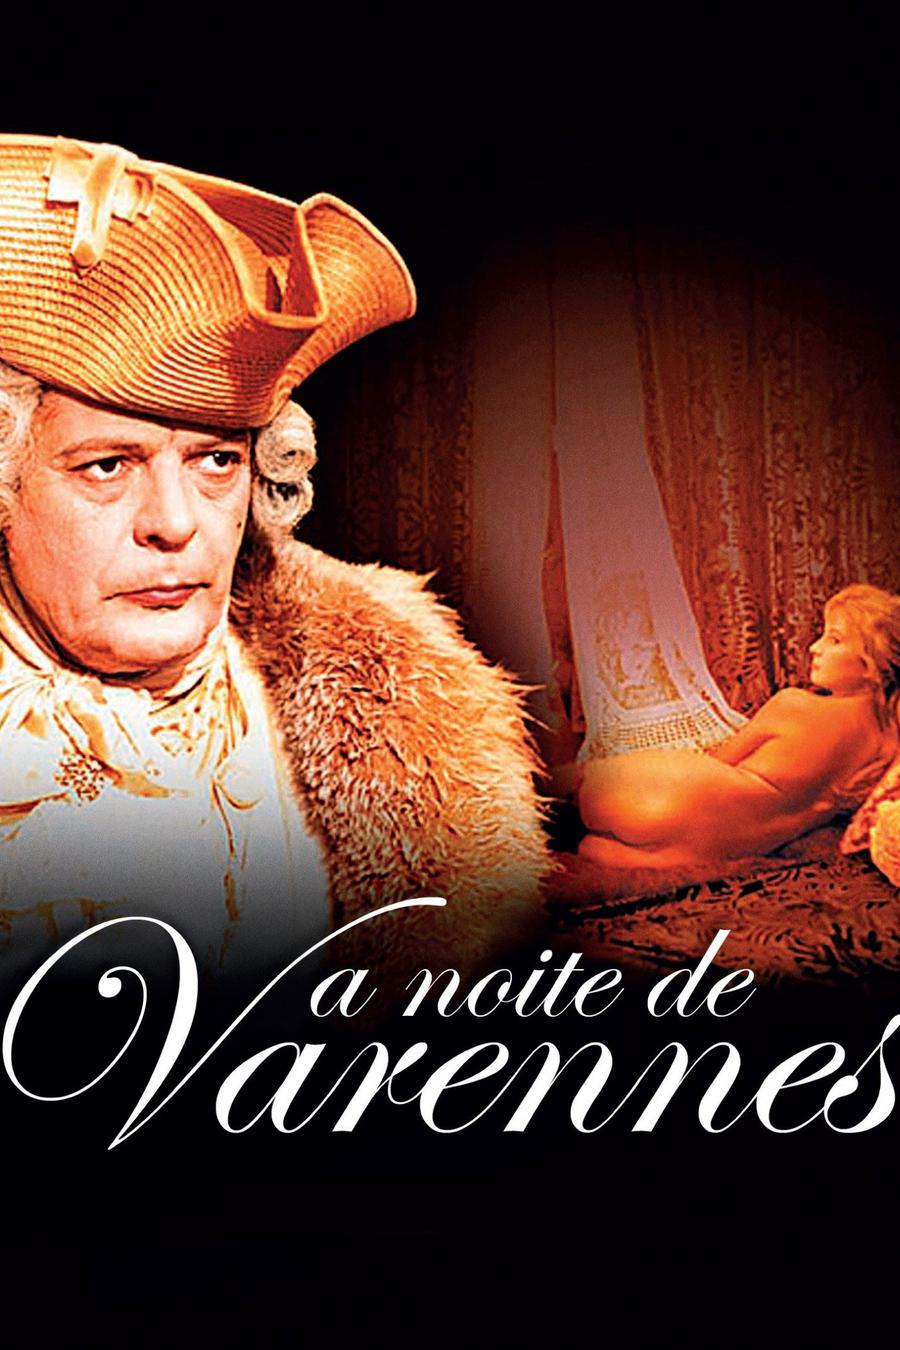 A Noite de Varennes